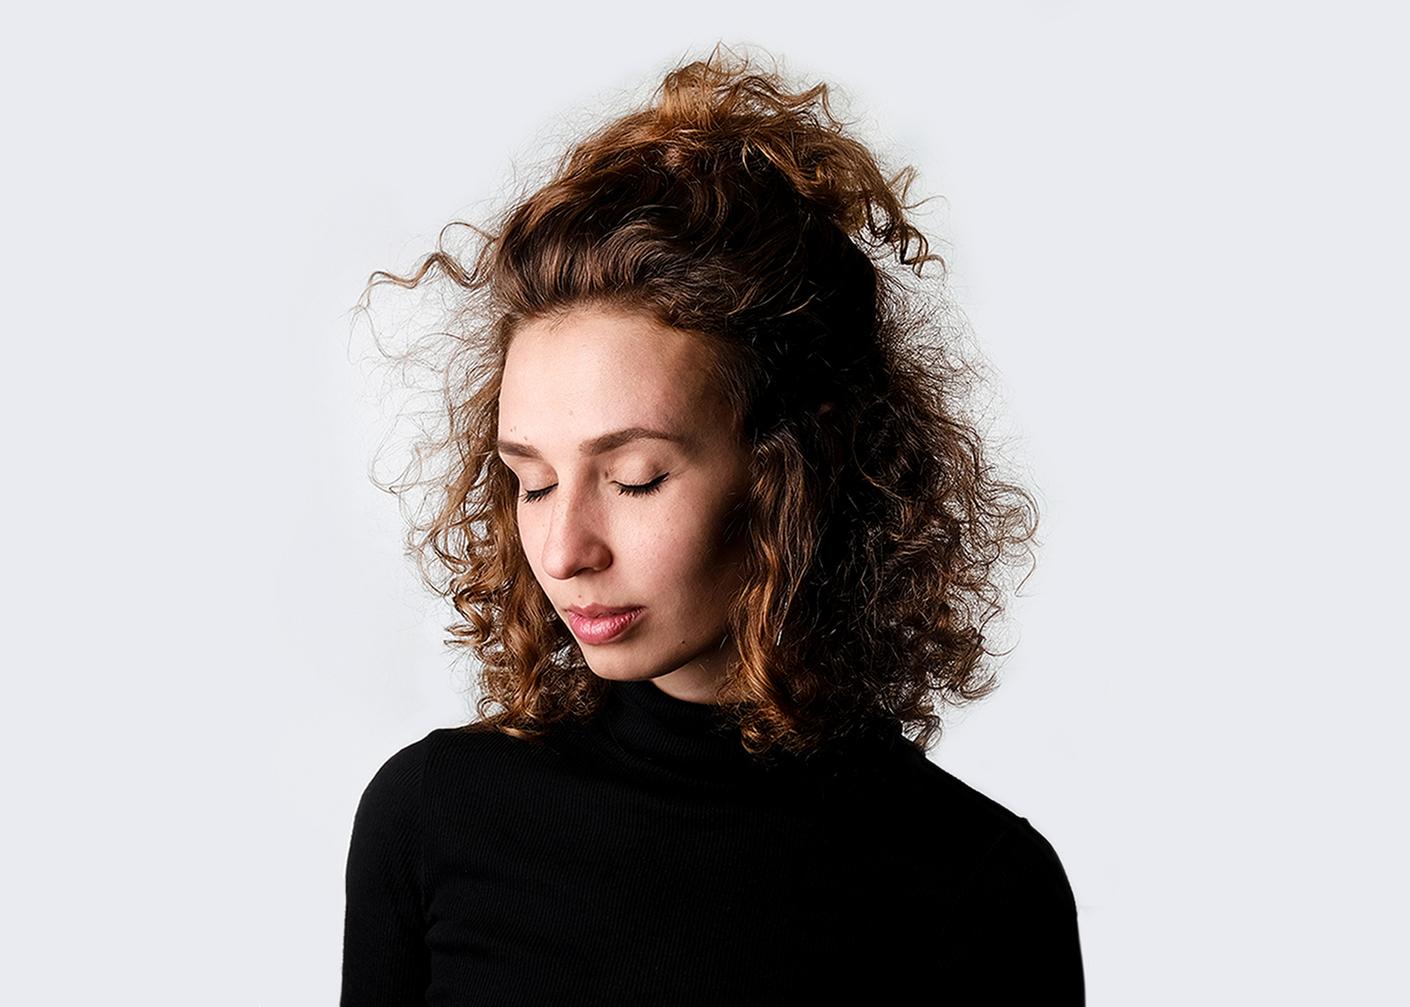 Алевтина Маковская — Арт директор и графический дизайнер. Alevtyna Makovska — Brand designer and art director